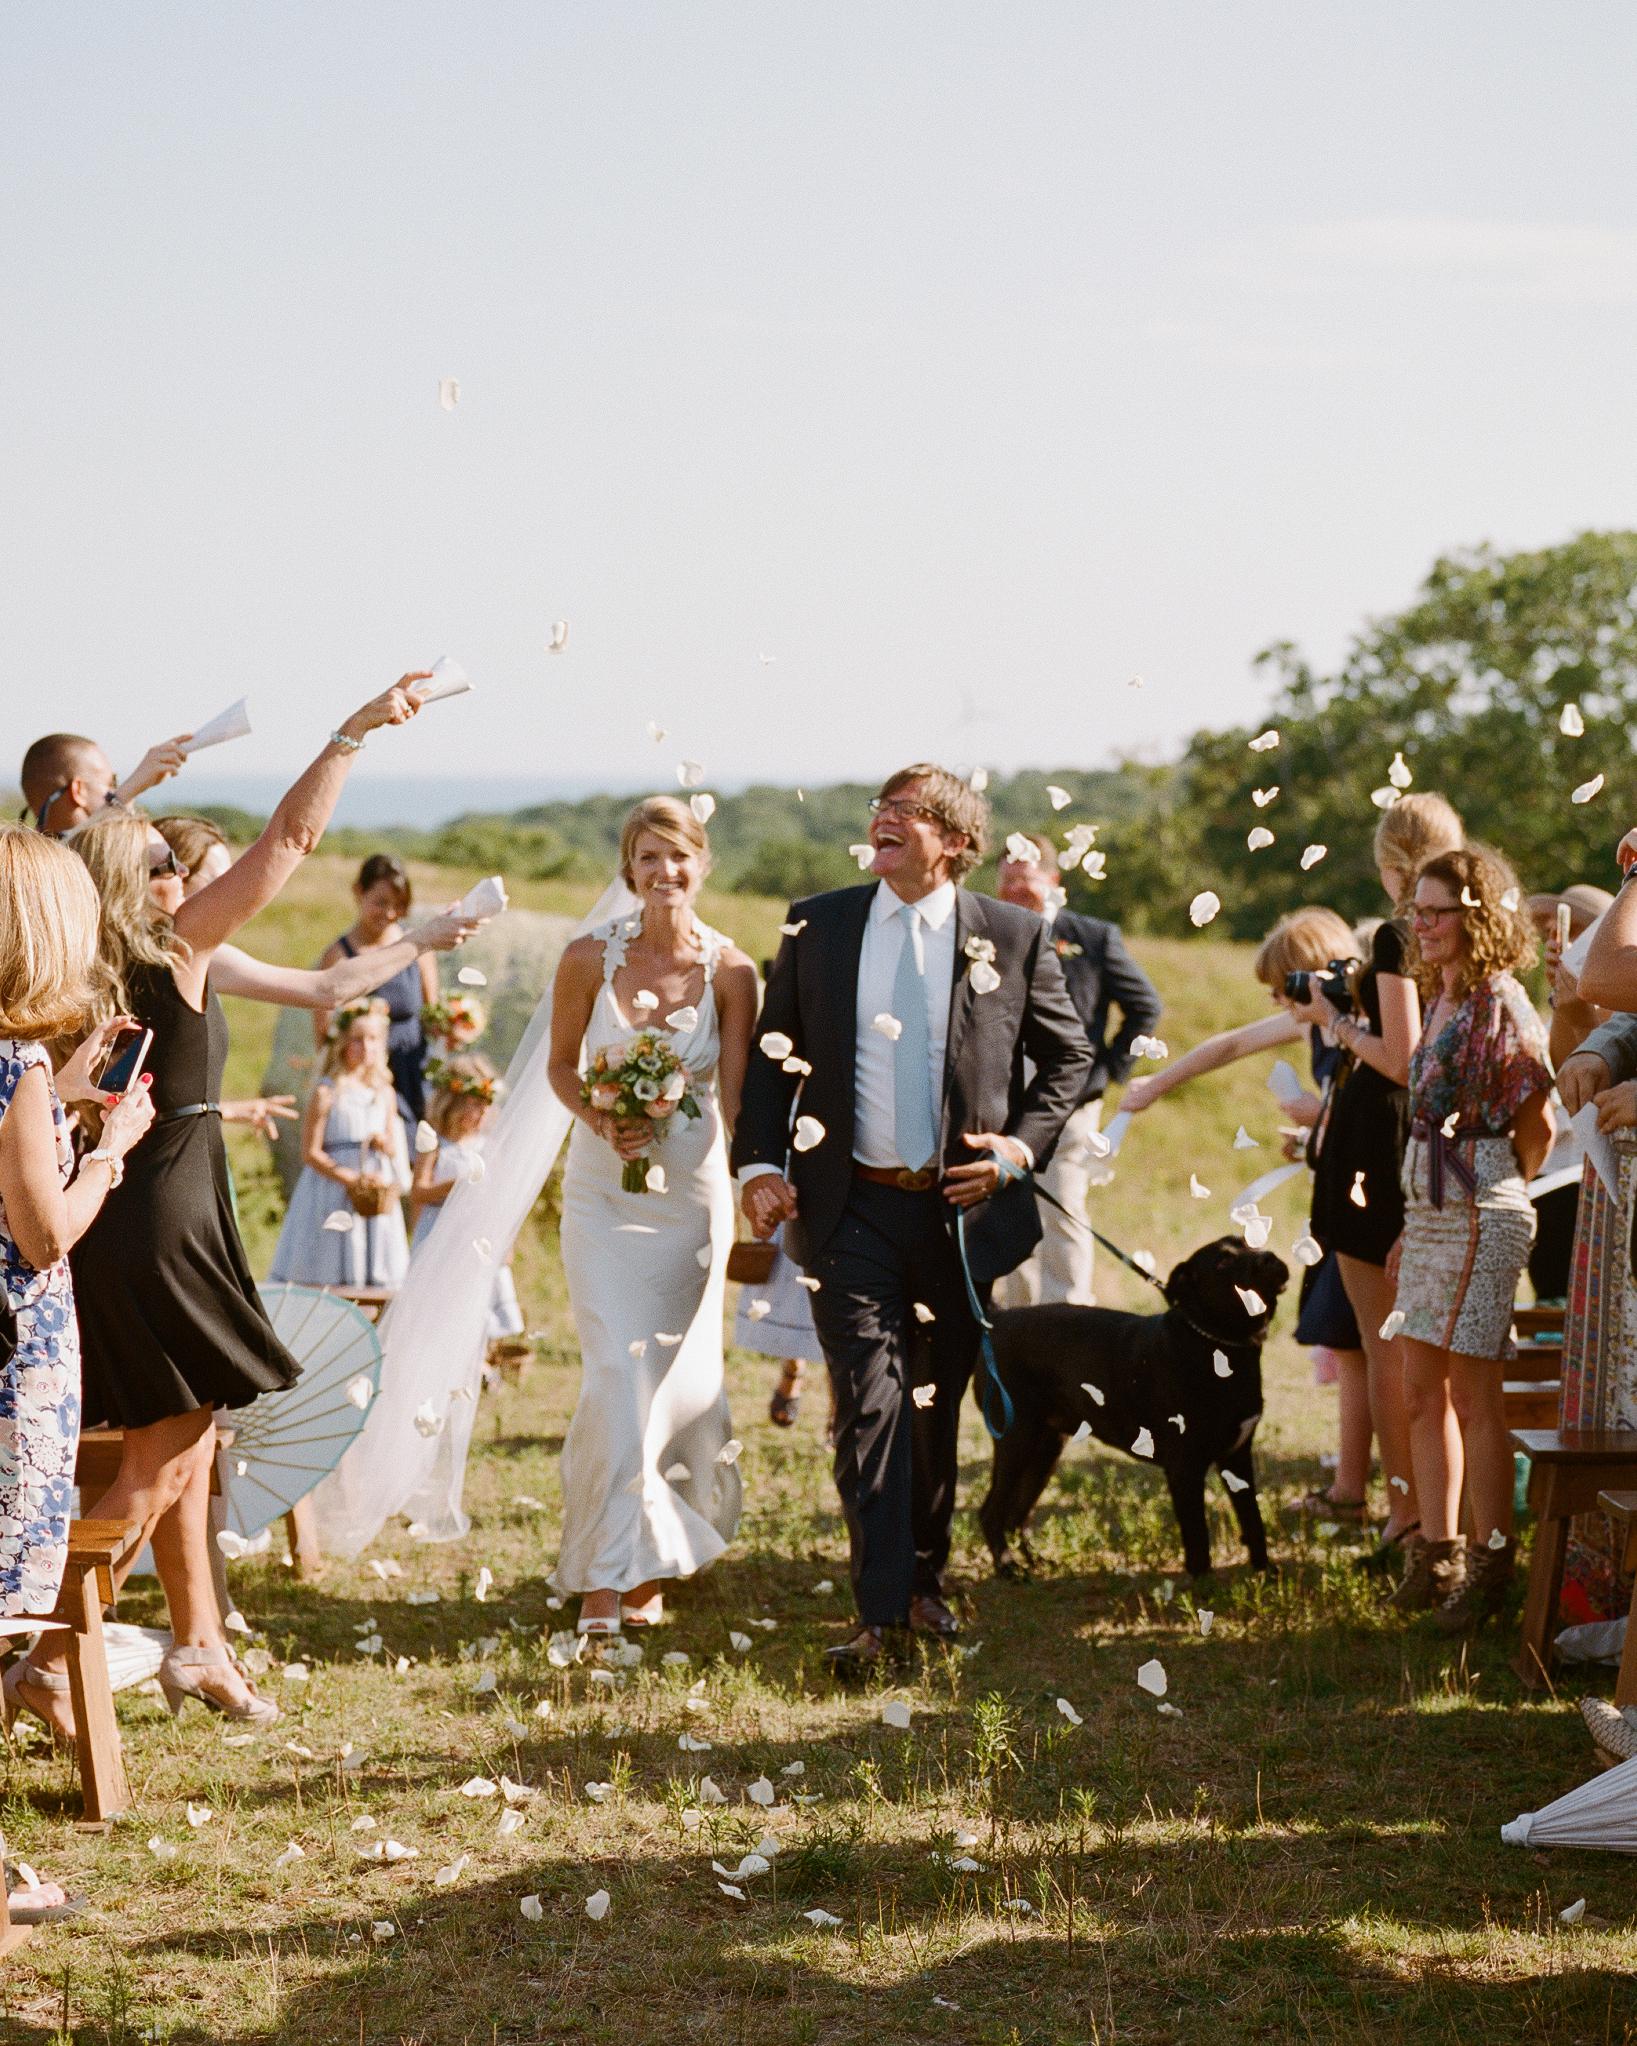 jocelyn-graham-wedding-petals-0816-s111847-0315.jpg